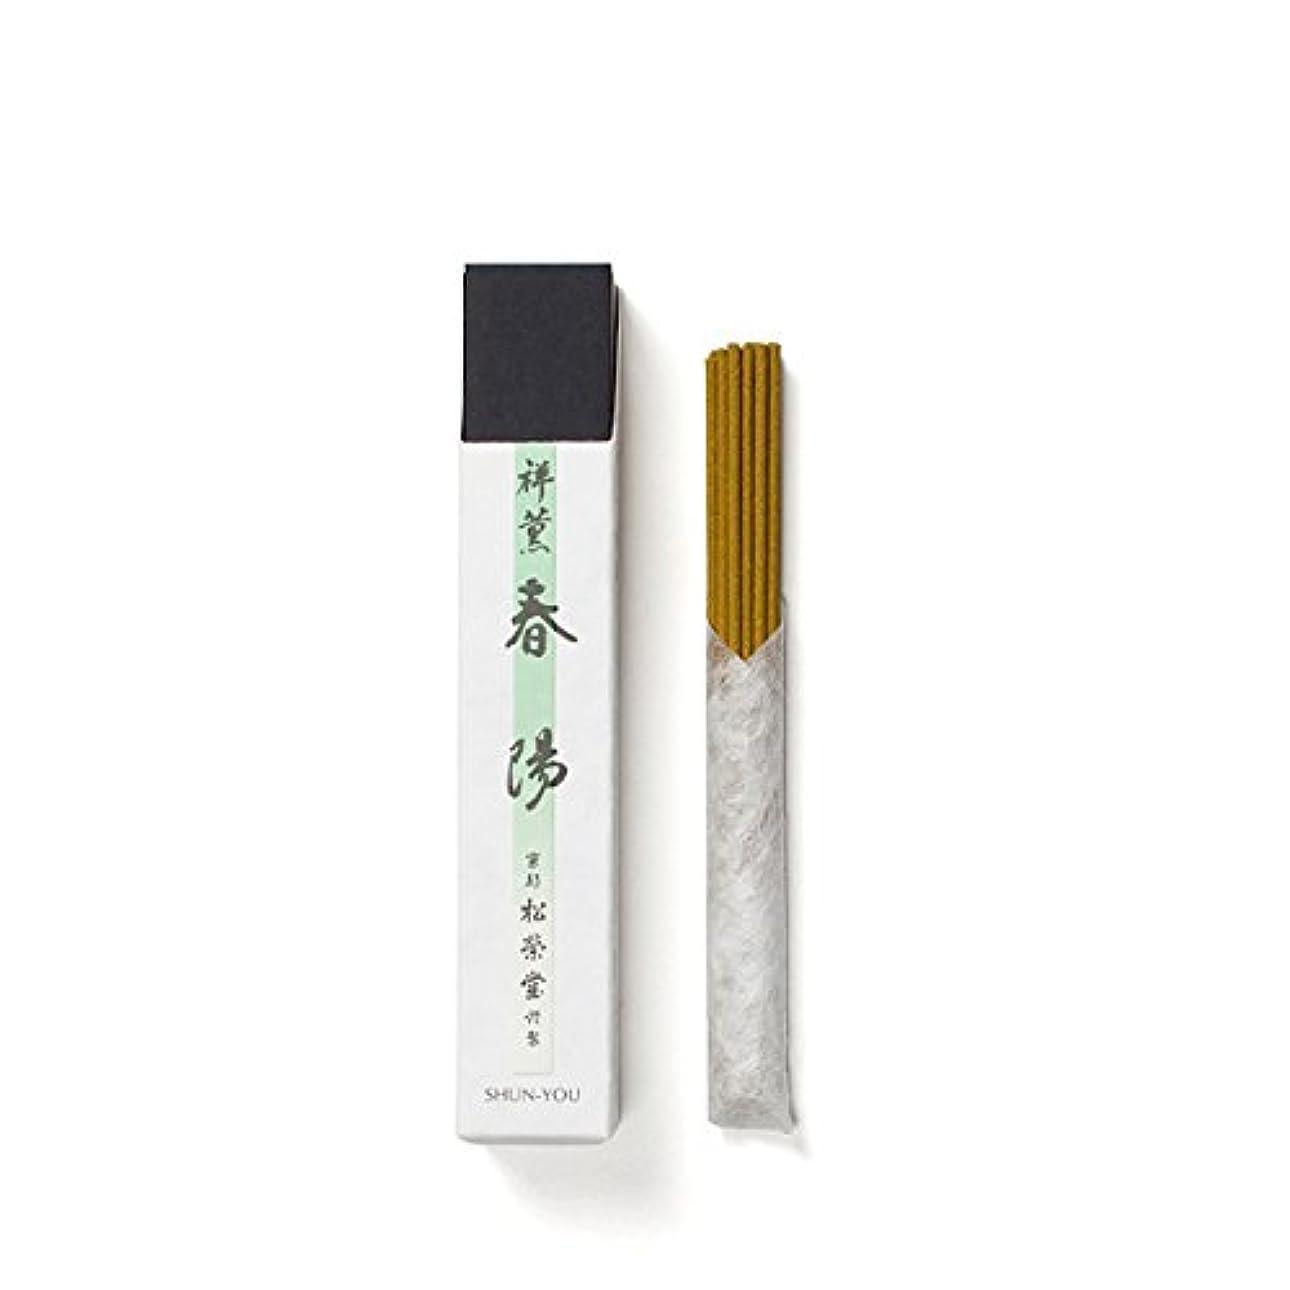 薬剤師エッセンスバスルーム松栄堂のお香 祥薫 春陽 20本入